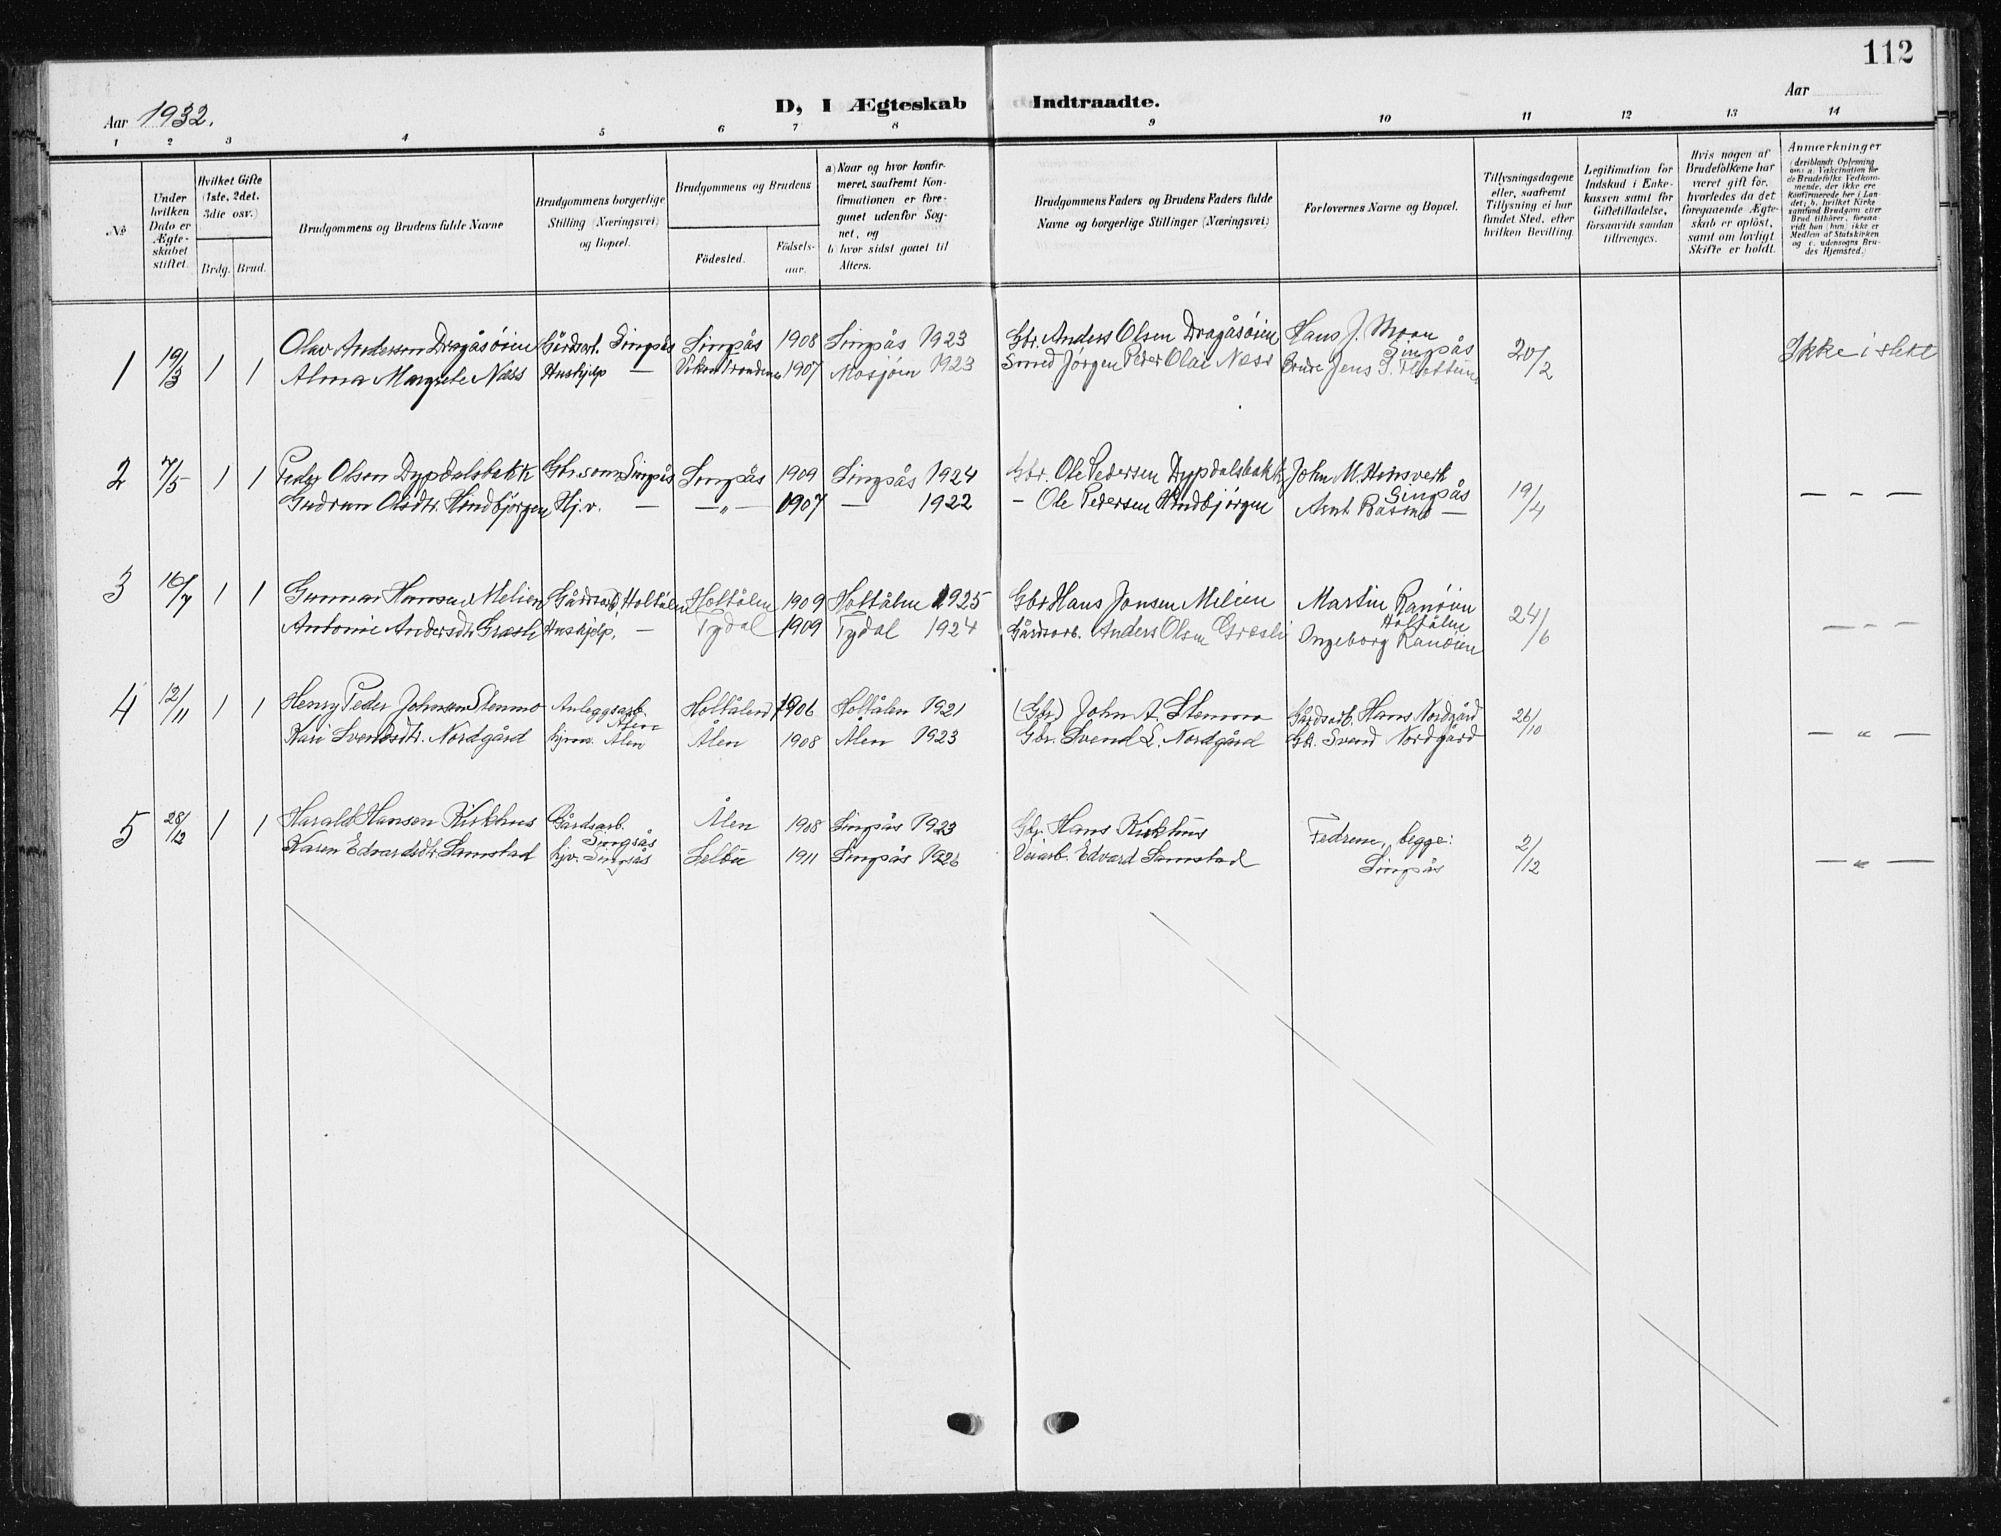 SAT, Ministerialprotokoller, klokkerbøker og fødselsregistre - Sør-Trøndelag, 685/L0979: Klokkerbok nr. 685C04, 1908-1933, s. 112